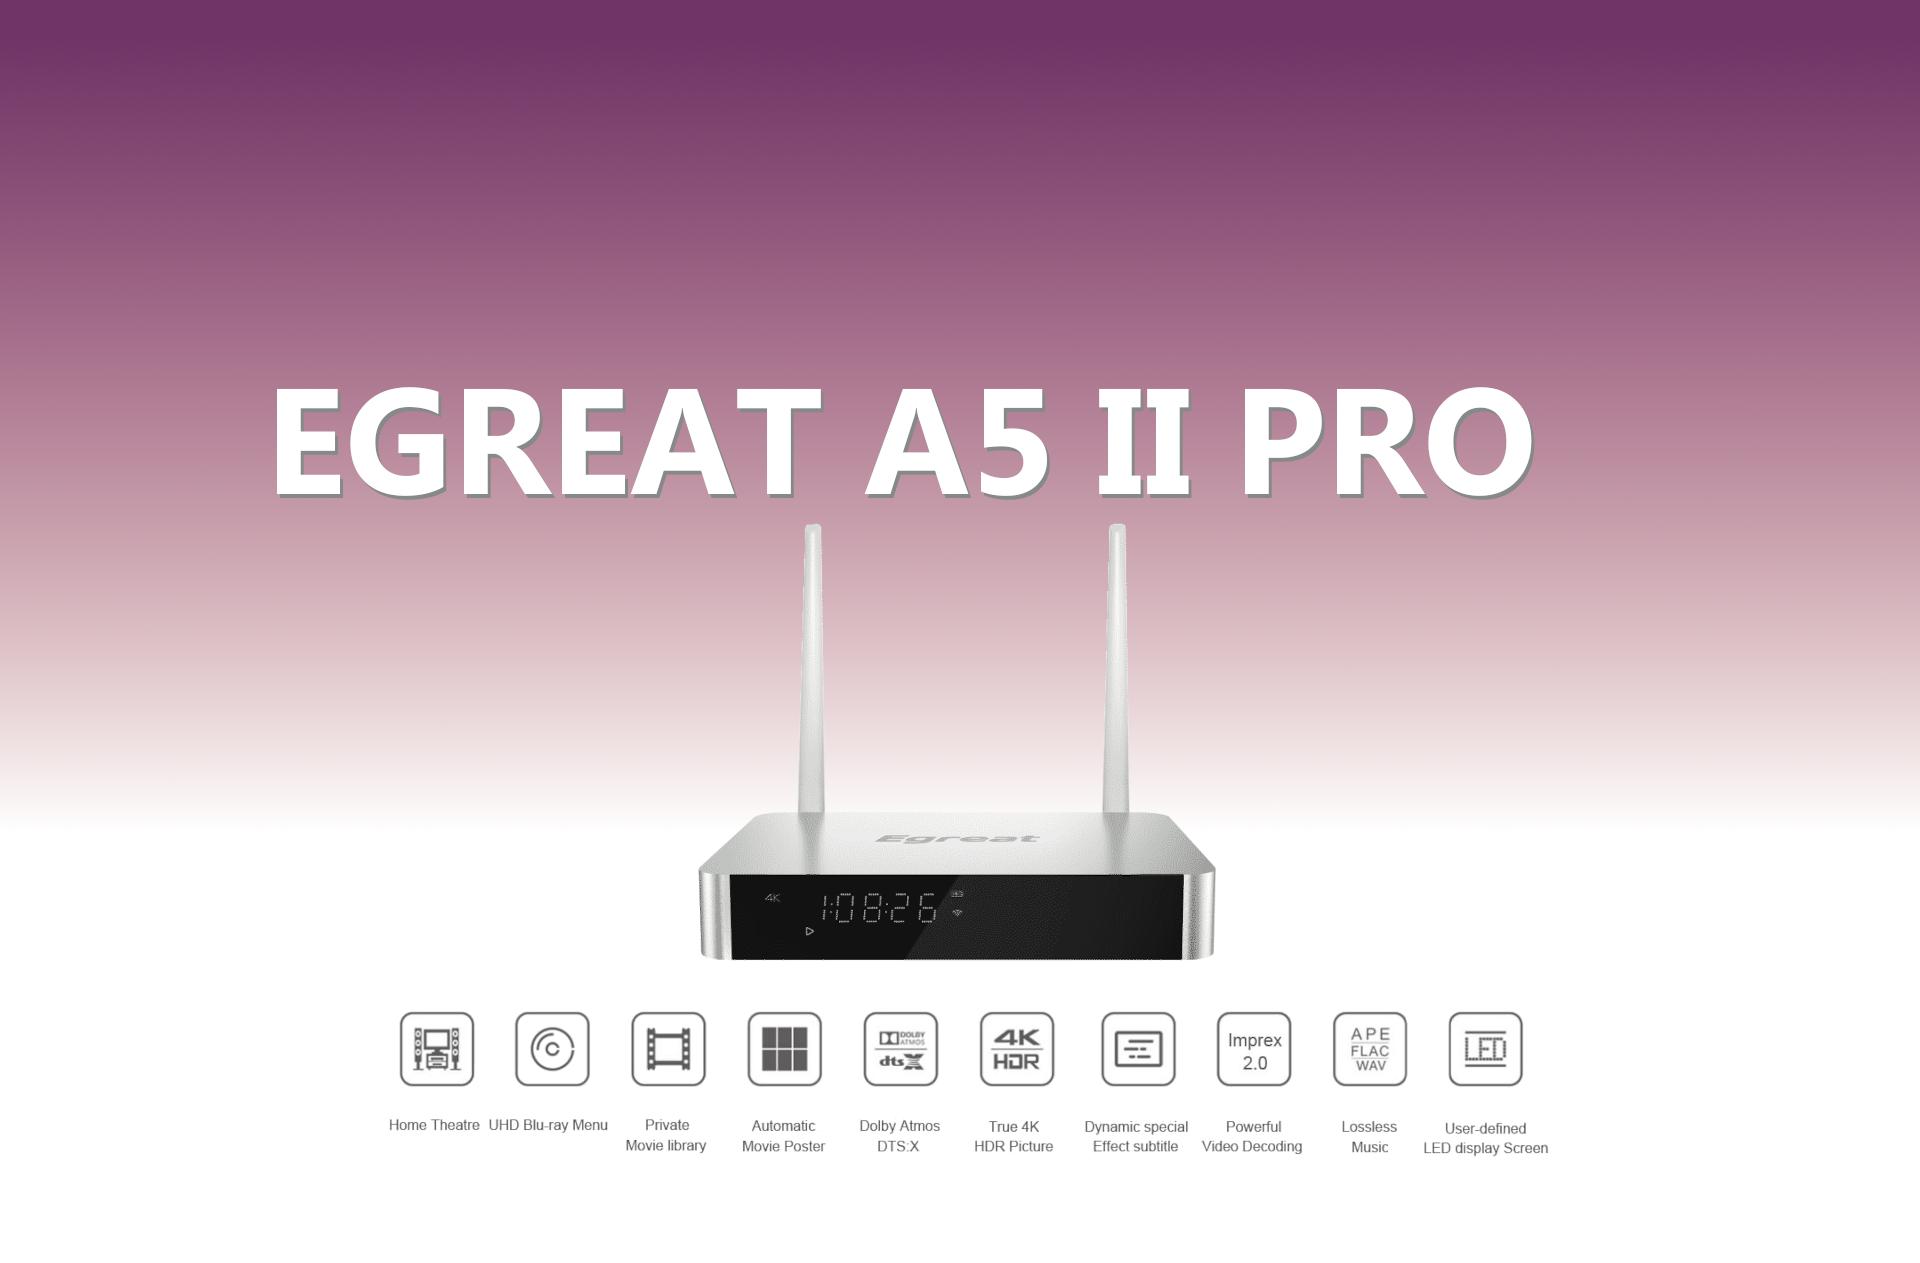 Egreat A5 II Pro – multimedialny odtwarzacz dla melomanów i miłośników dobrego kina